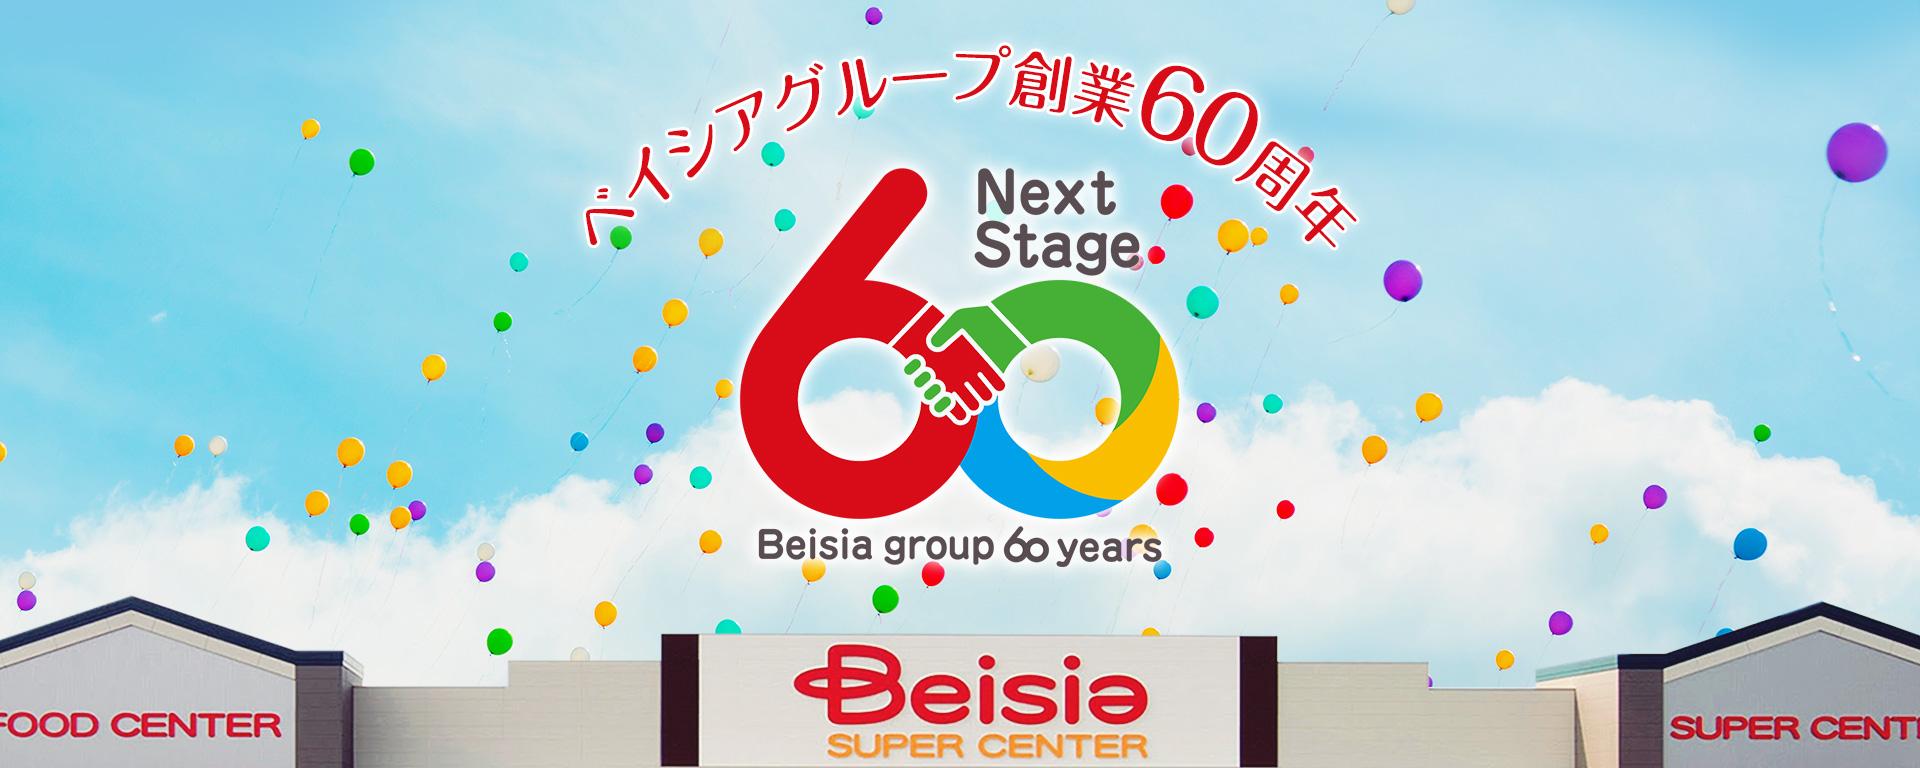 ベイシアグループ創業60周年記念キャンペーン